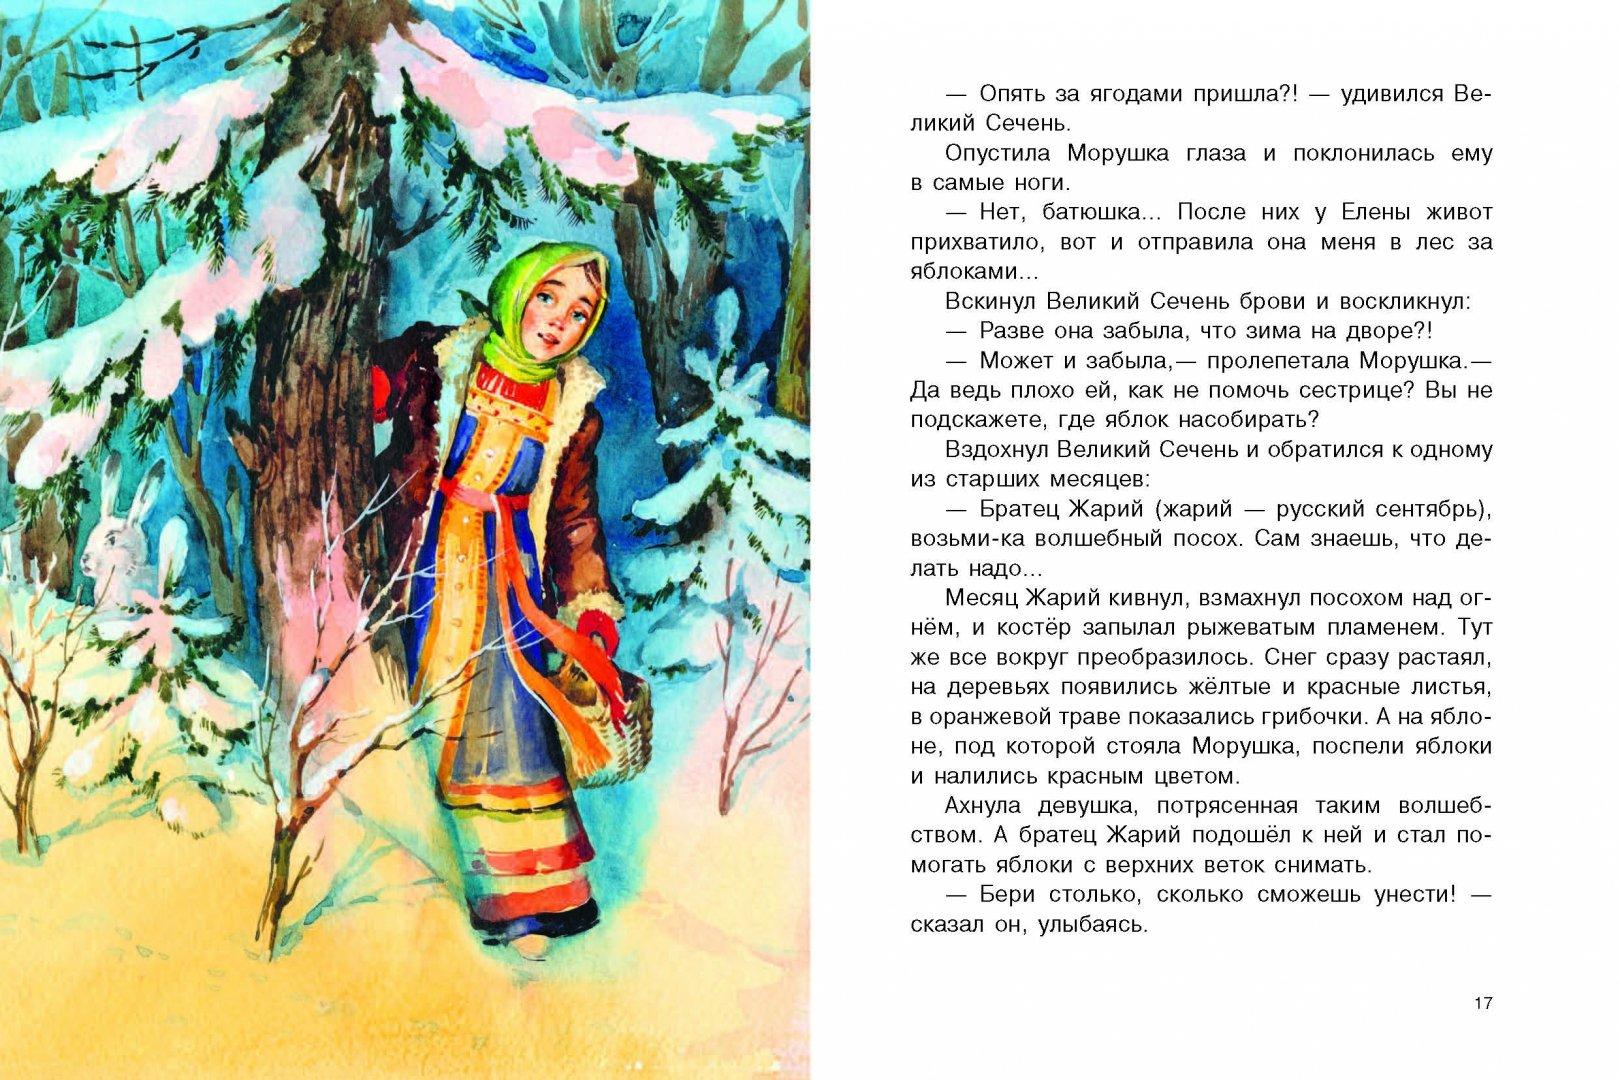 Иллюстрация 2 из 6 для О двенадцати месяцах - Божена Немцова | Лабиринт - книги. Источник: Лабиринт